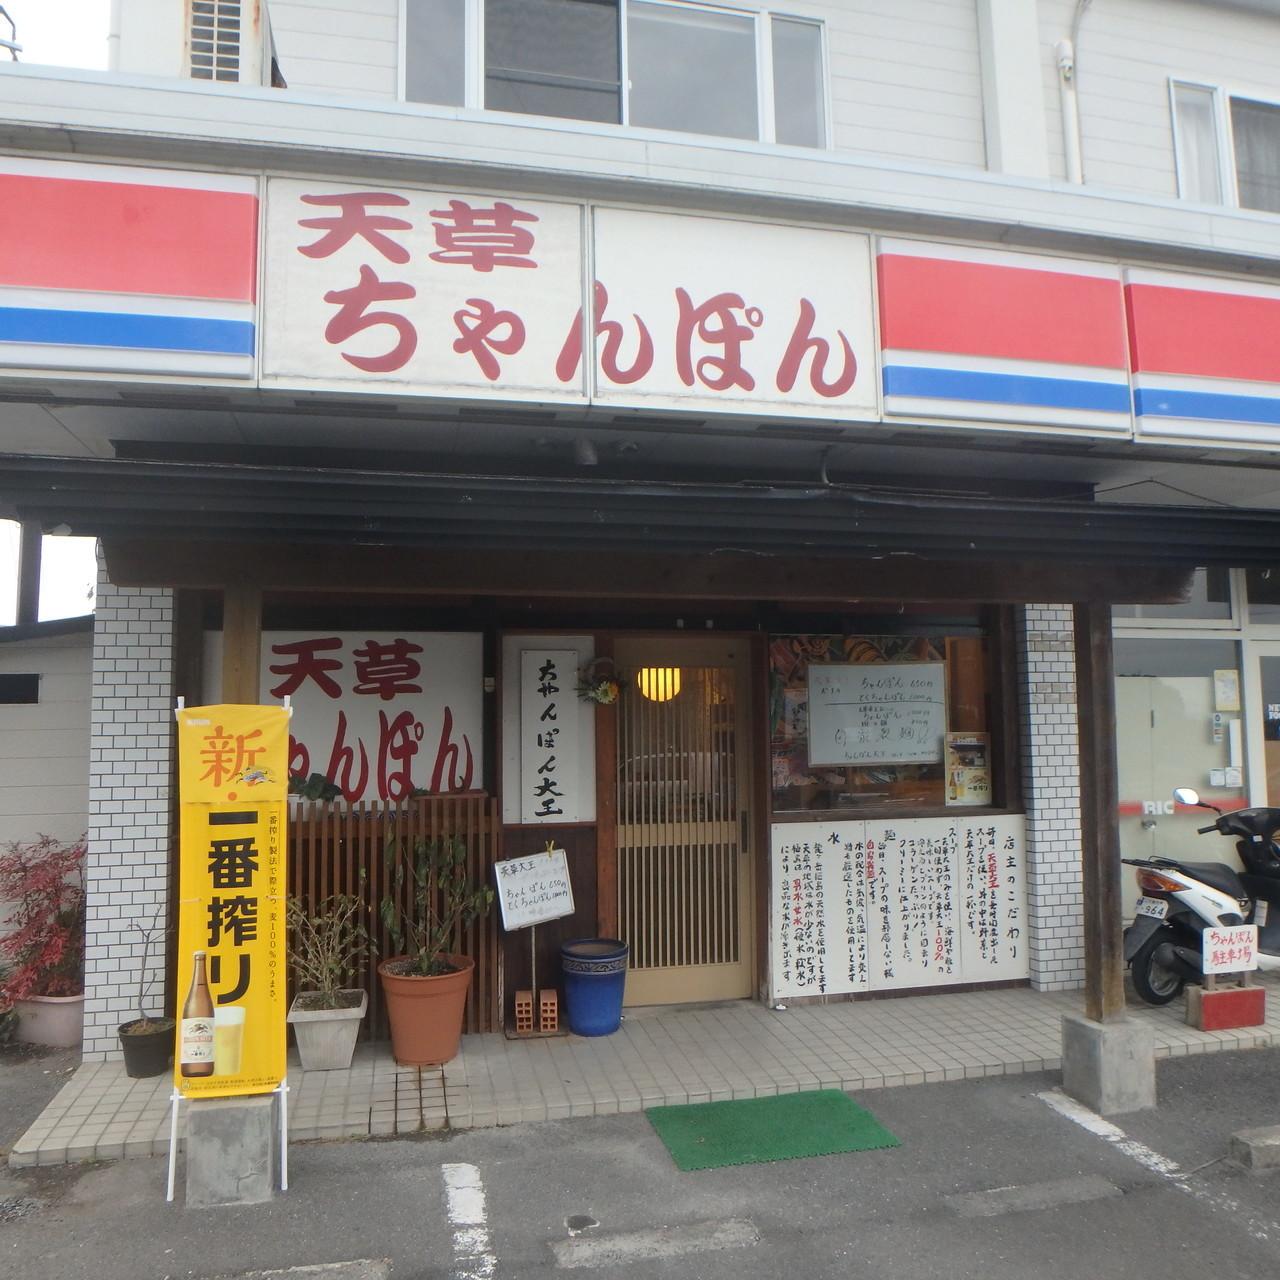 ちゃんぽん大王 image